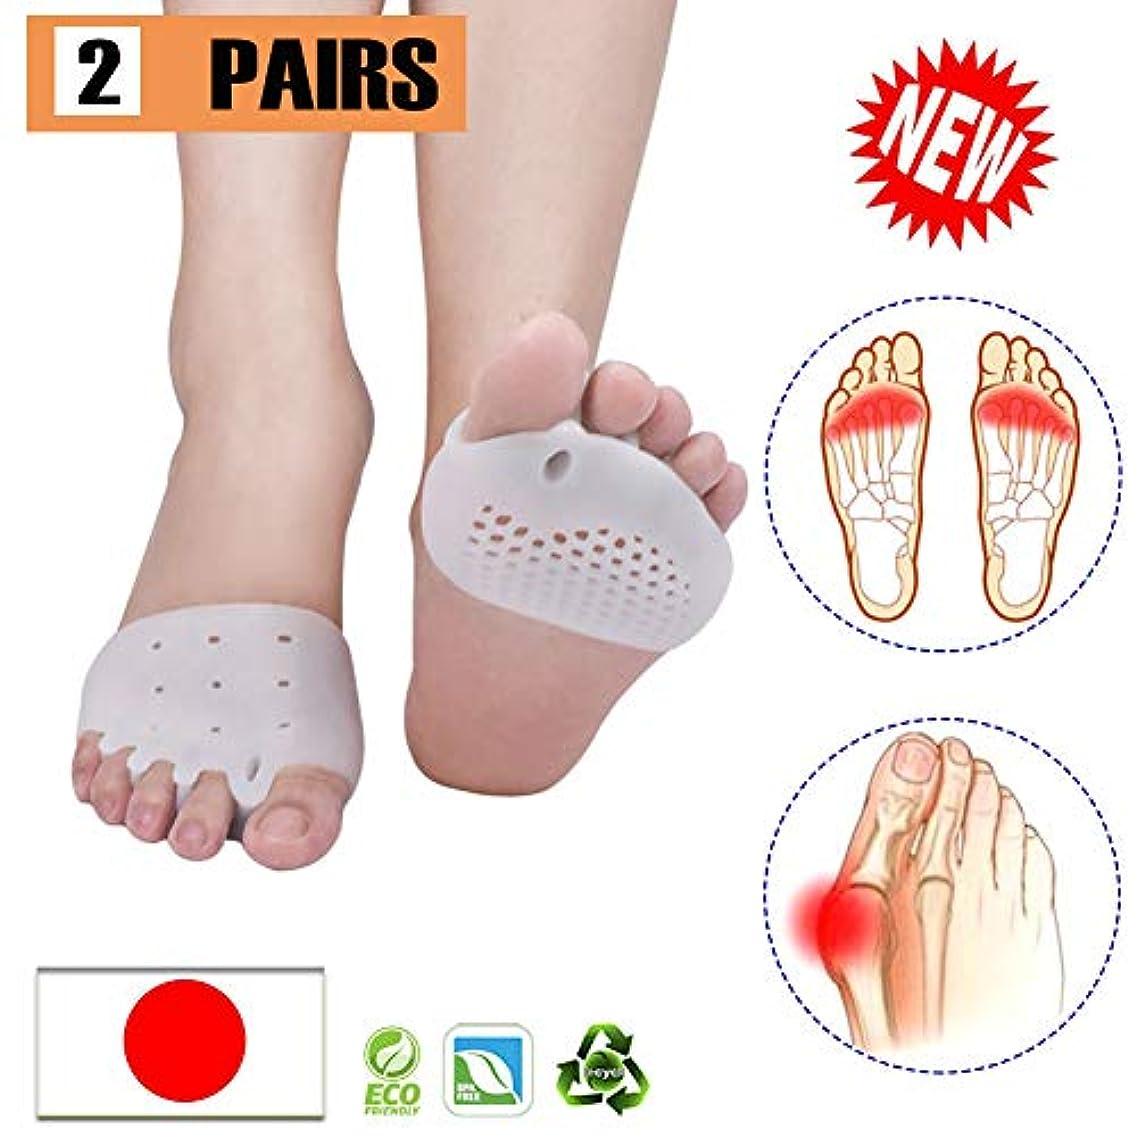 ミット誰欲望Pnrskter足裏保護パッド 中足前足パッド 通気性 柔らかい ジェル 糖尿病の足に最適 カルス 水疱 前足痛 男性のための両方の足に使用することができます (白(4ピース))